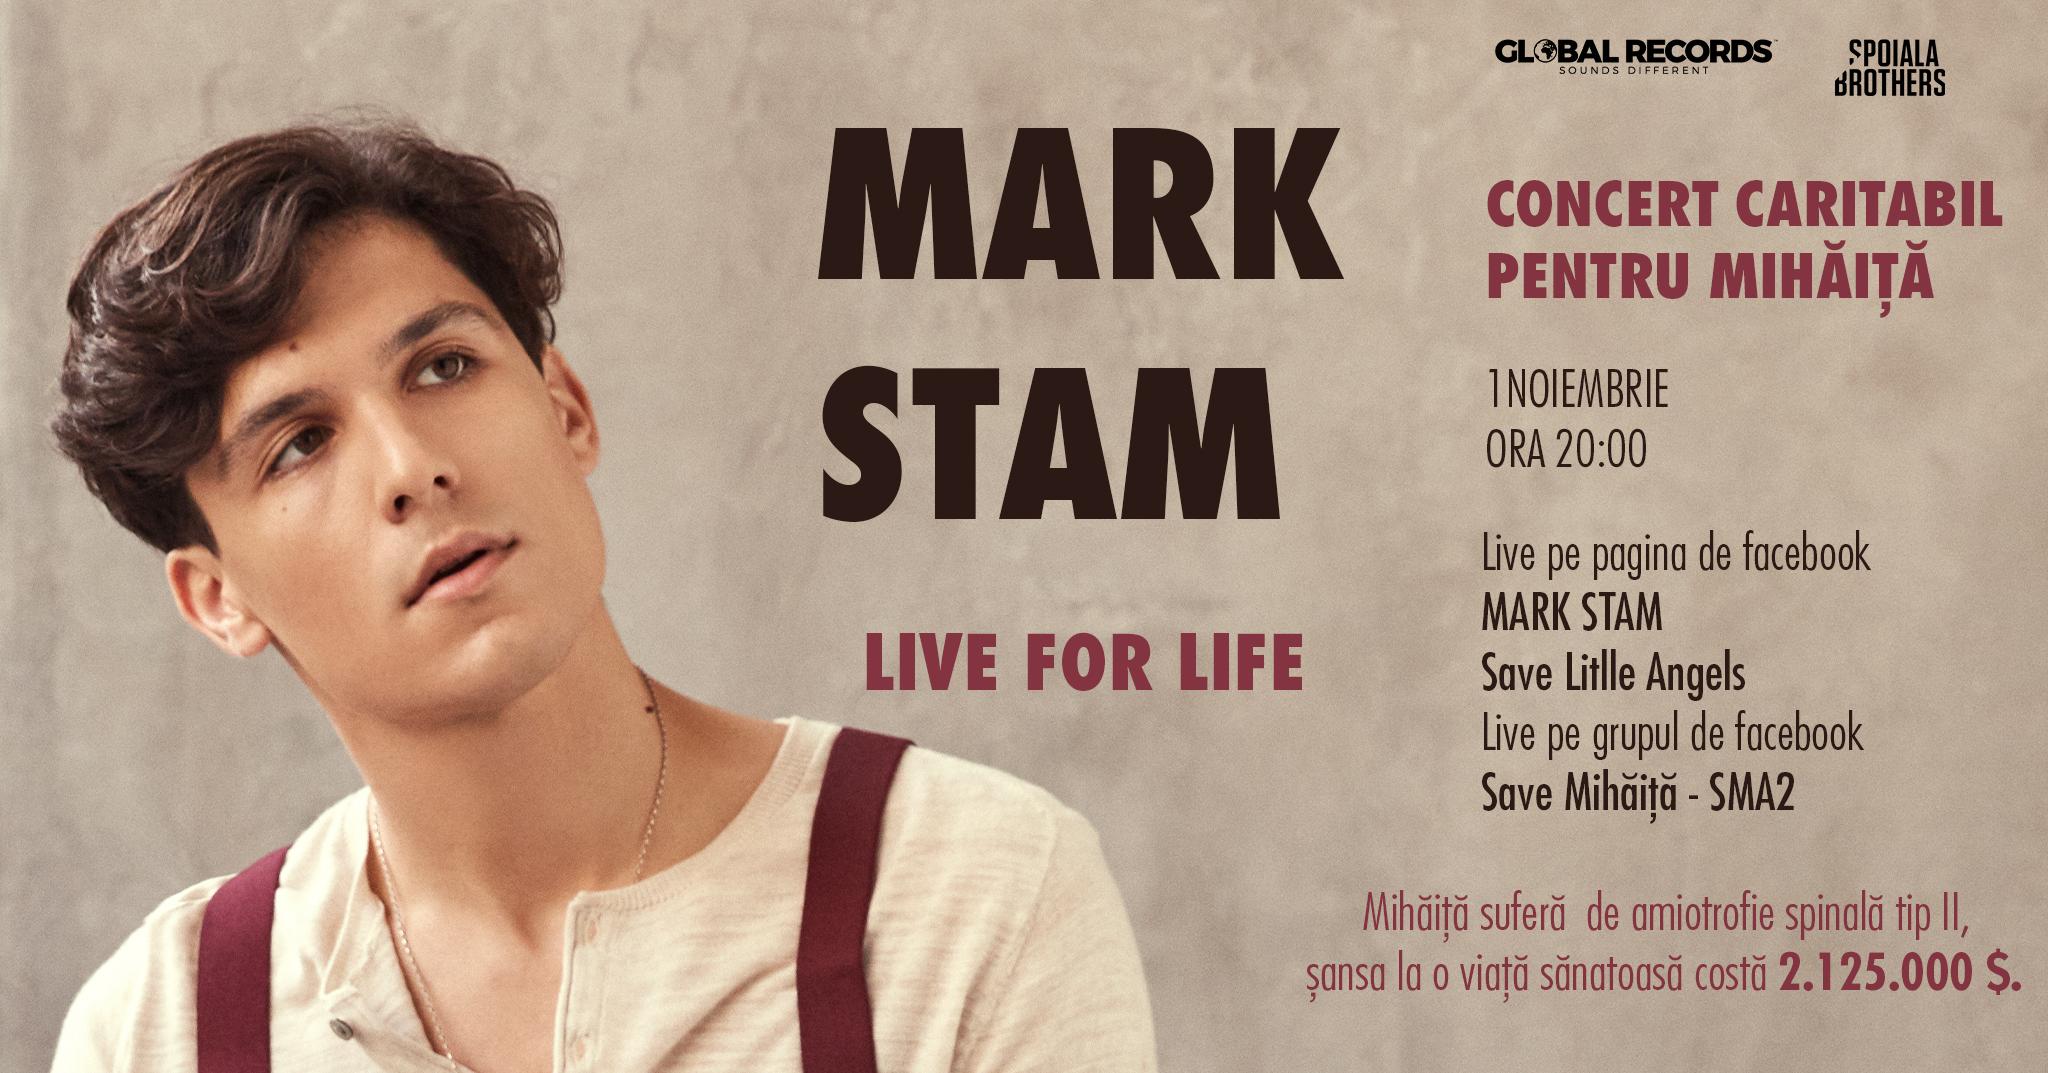 Foto: Mark Stam va susține un concert inedit pentru a-l ajuta pe Mihăiță! Află cum îl poți ajuta și tu!